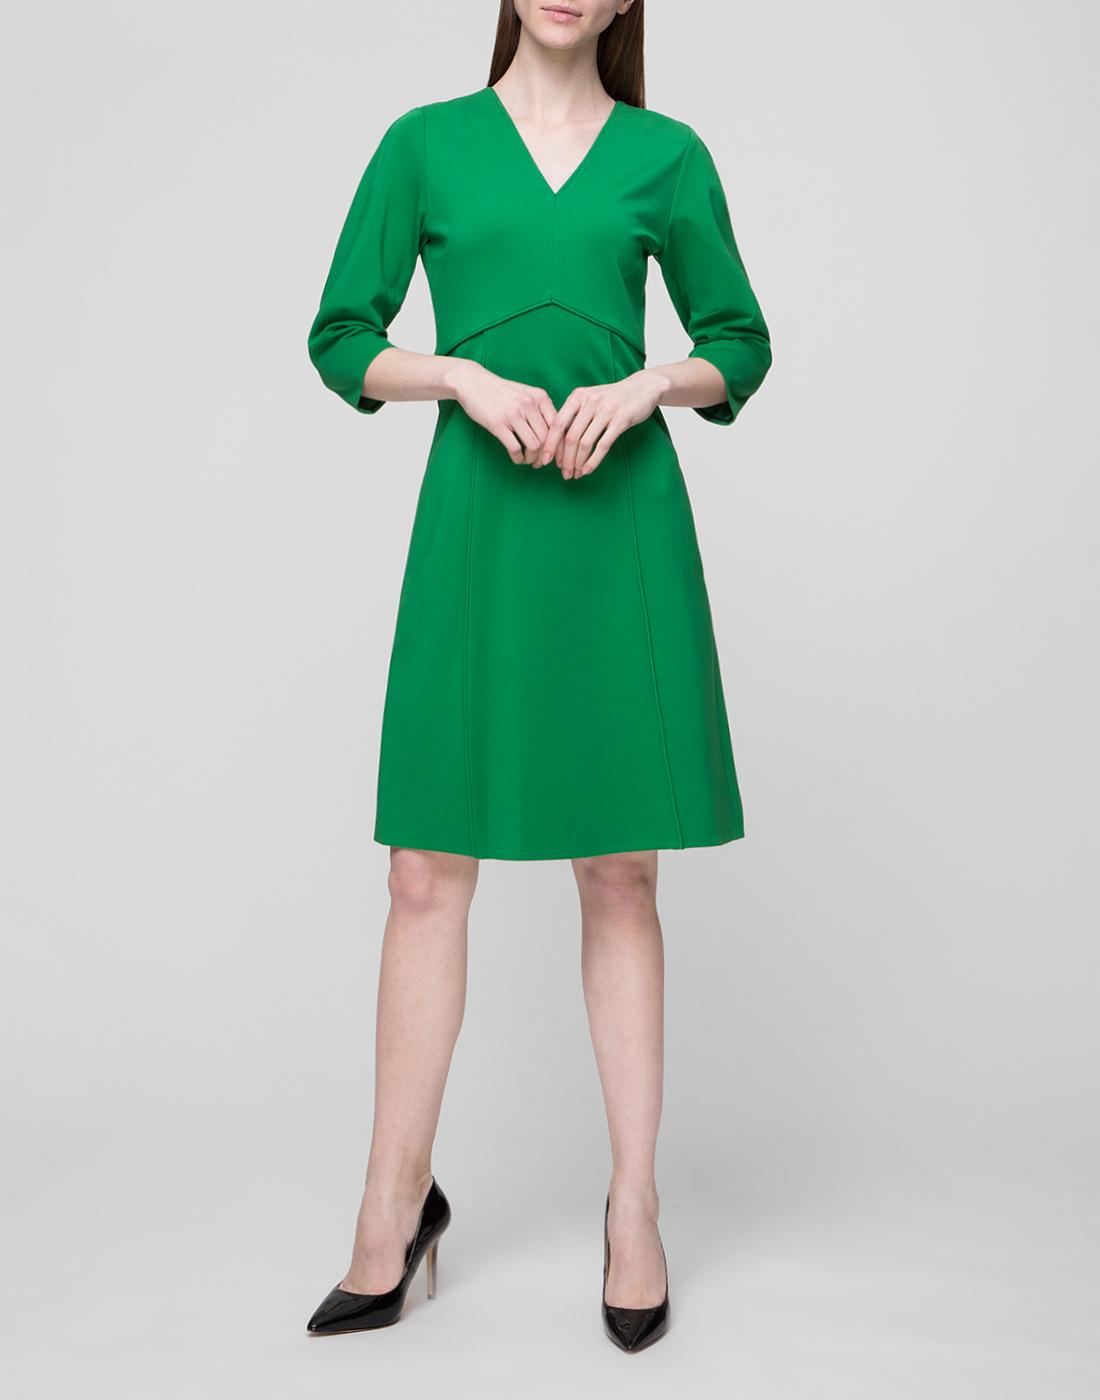 Женское зеленое платье Dorothee Schumacher S548013/562-5